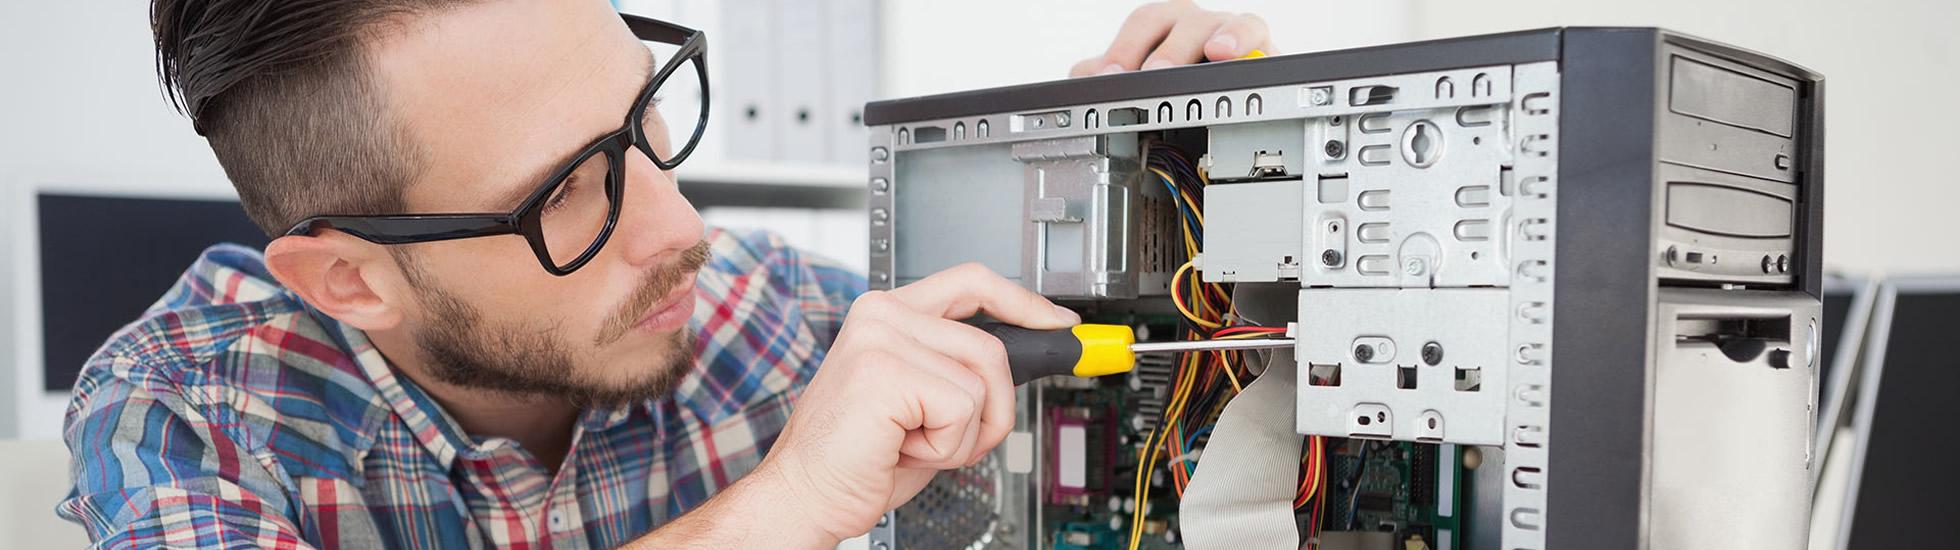 Técnica profesional en Mantenimiento de Computadores y Redes ...